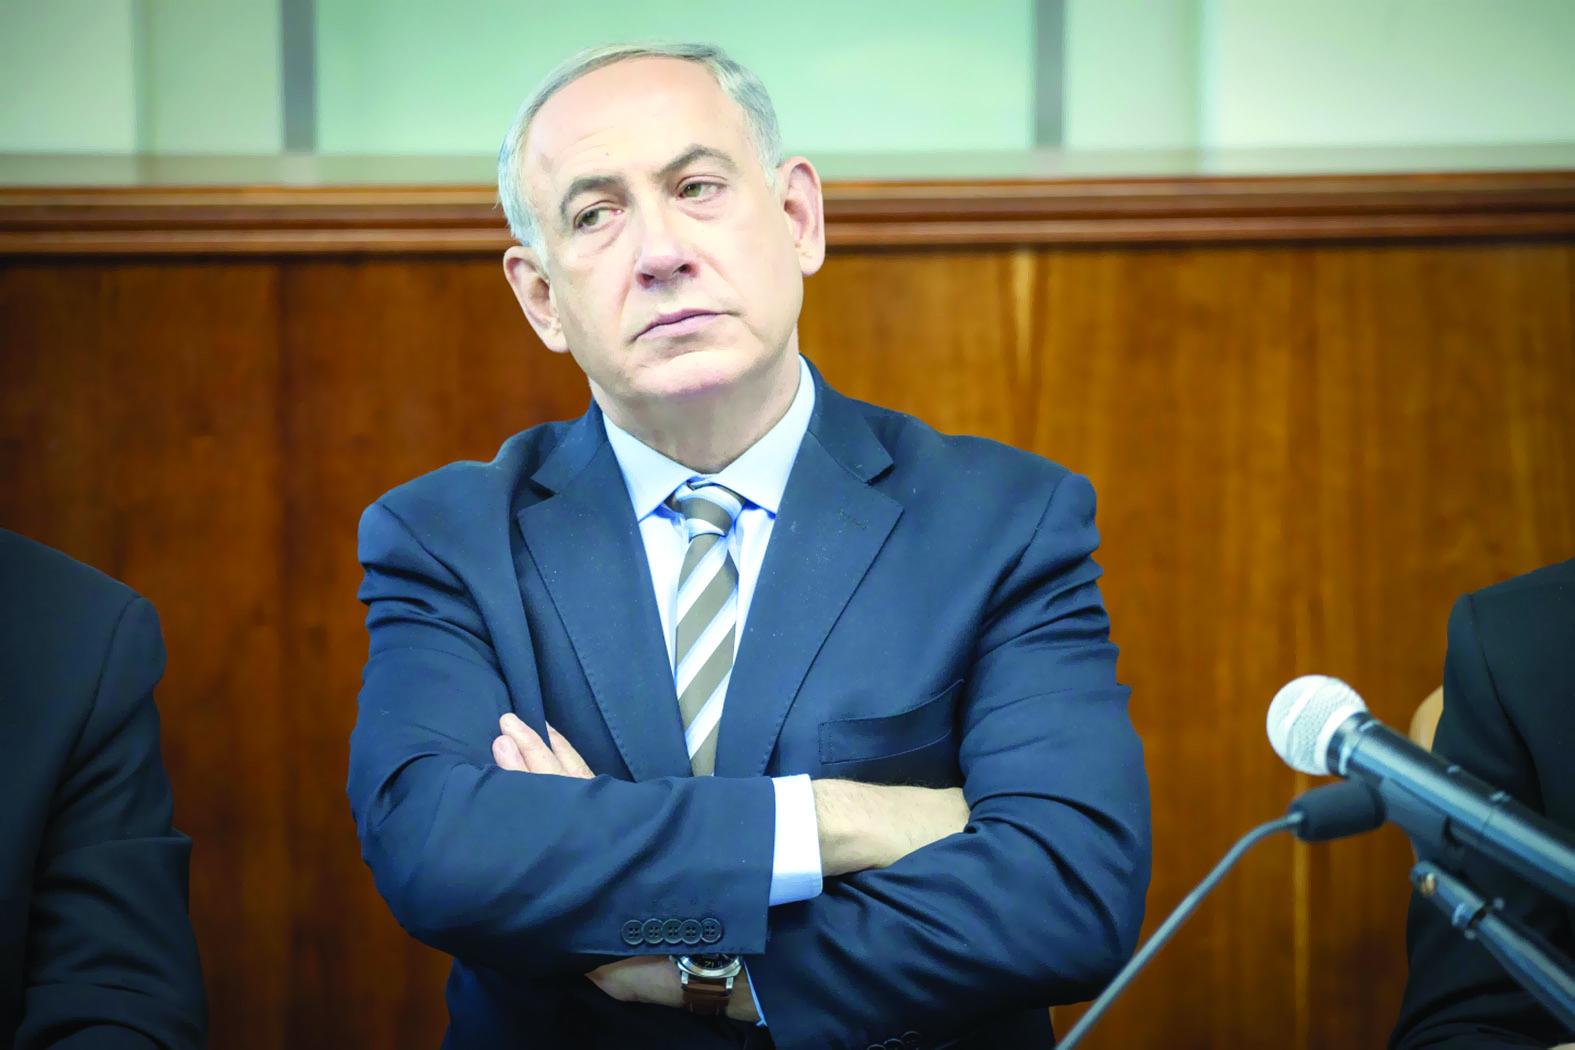 إسرائيل تزيل أجهزة كشف المعادن.. وفلسطين ترفض أي إجراءات بديلة